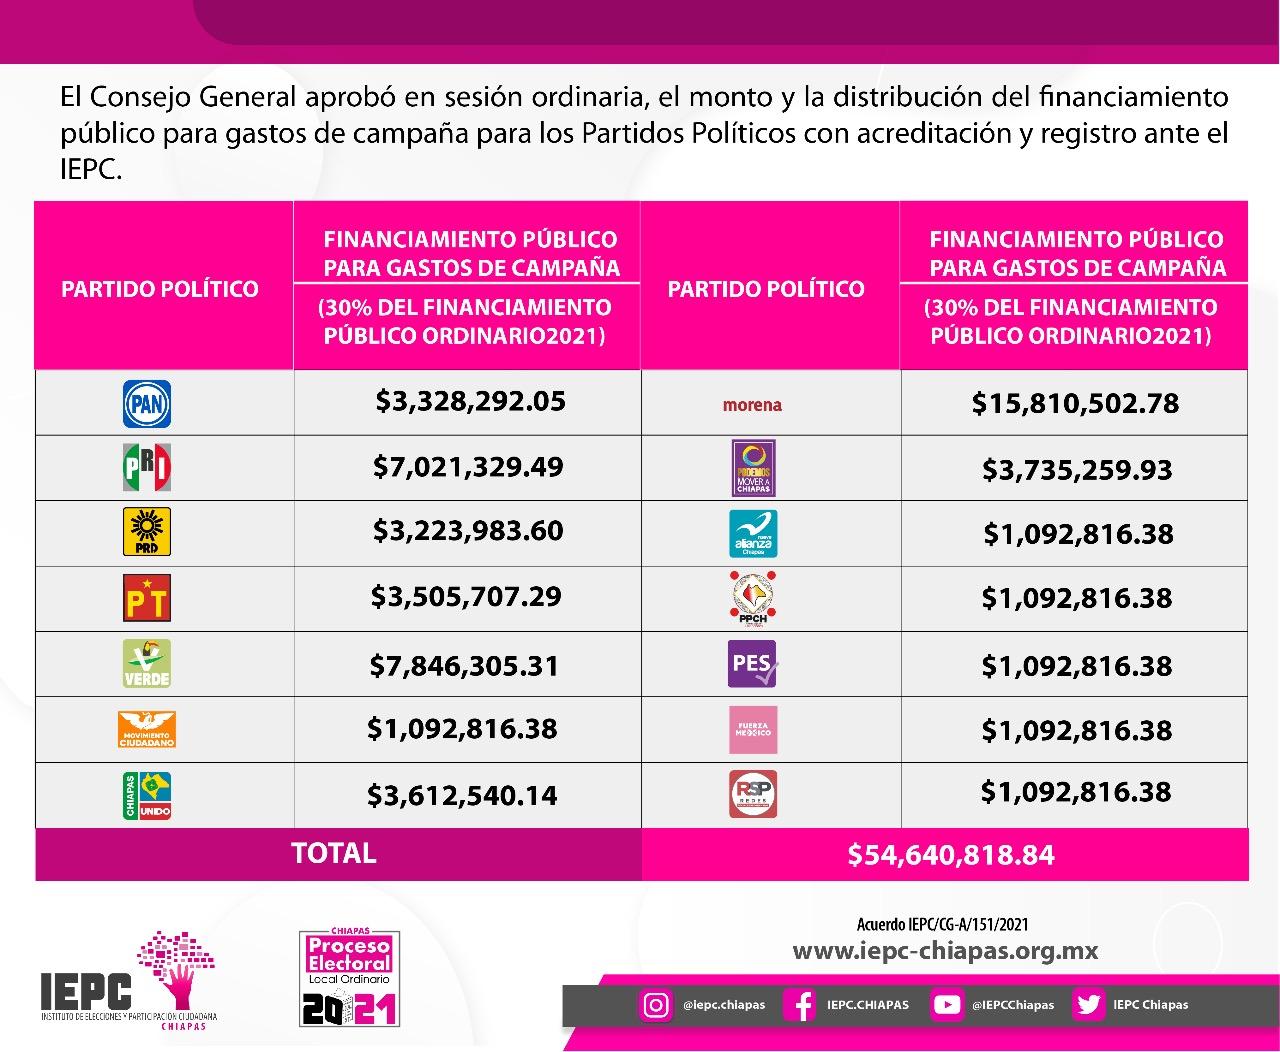 Aprueba IEPC monto y distribución de financiamiento para campañas de partidos políticos